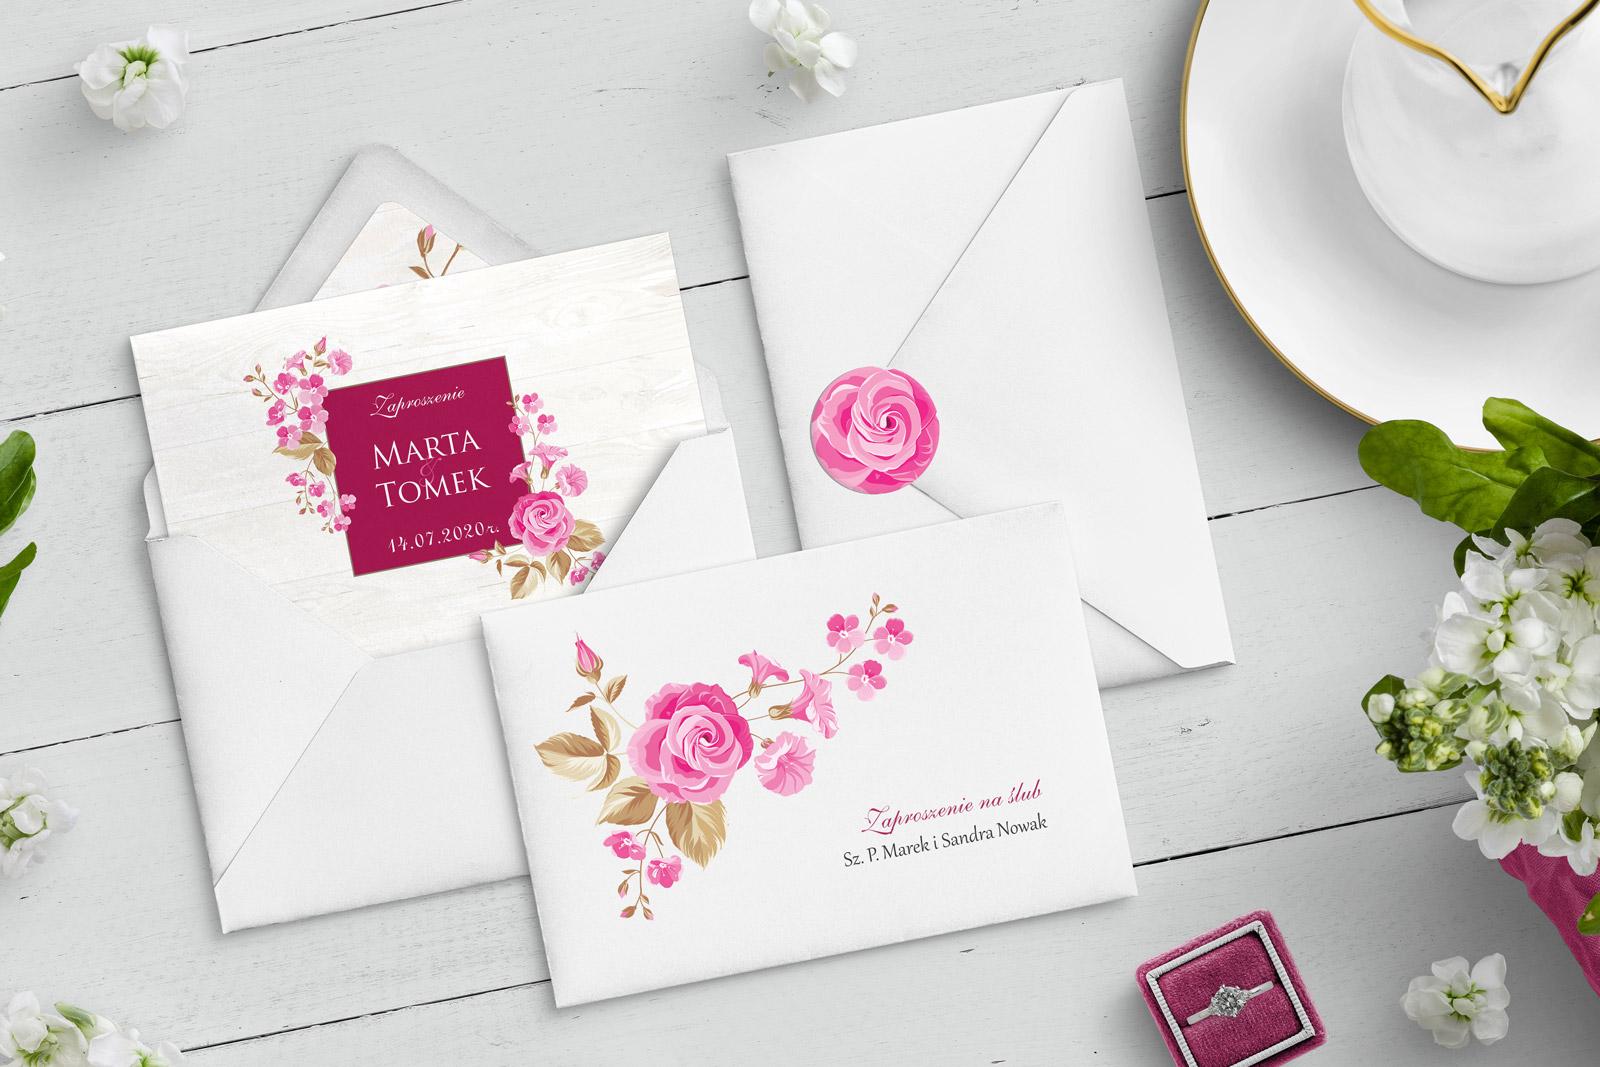 Rustykalne Zaproszenia ślubne Kwiatowe Kolekcja Biała Stodoła